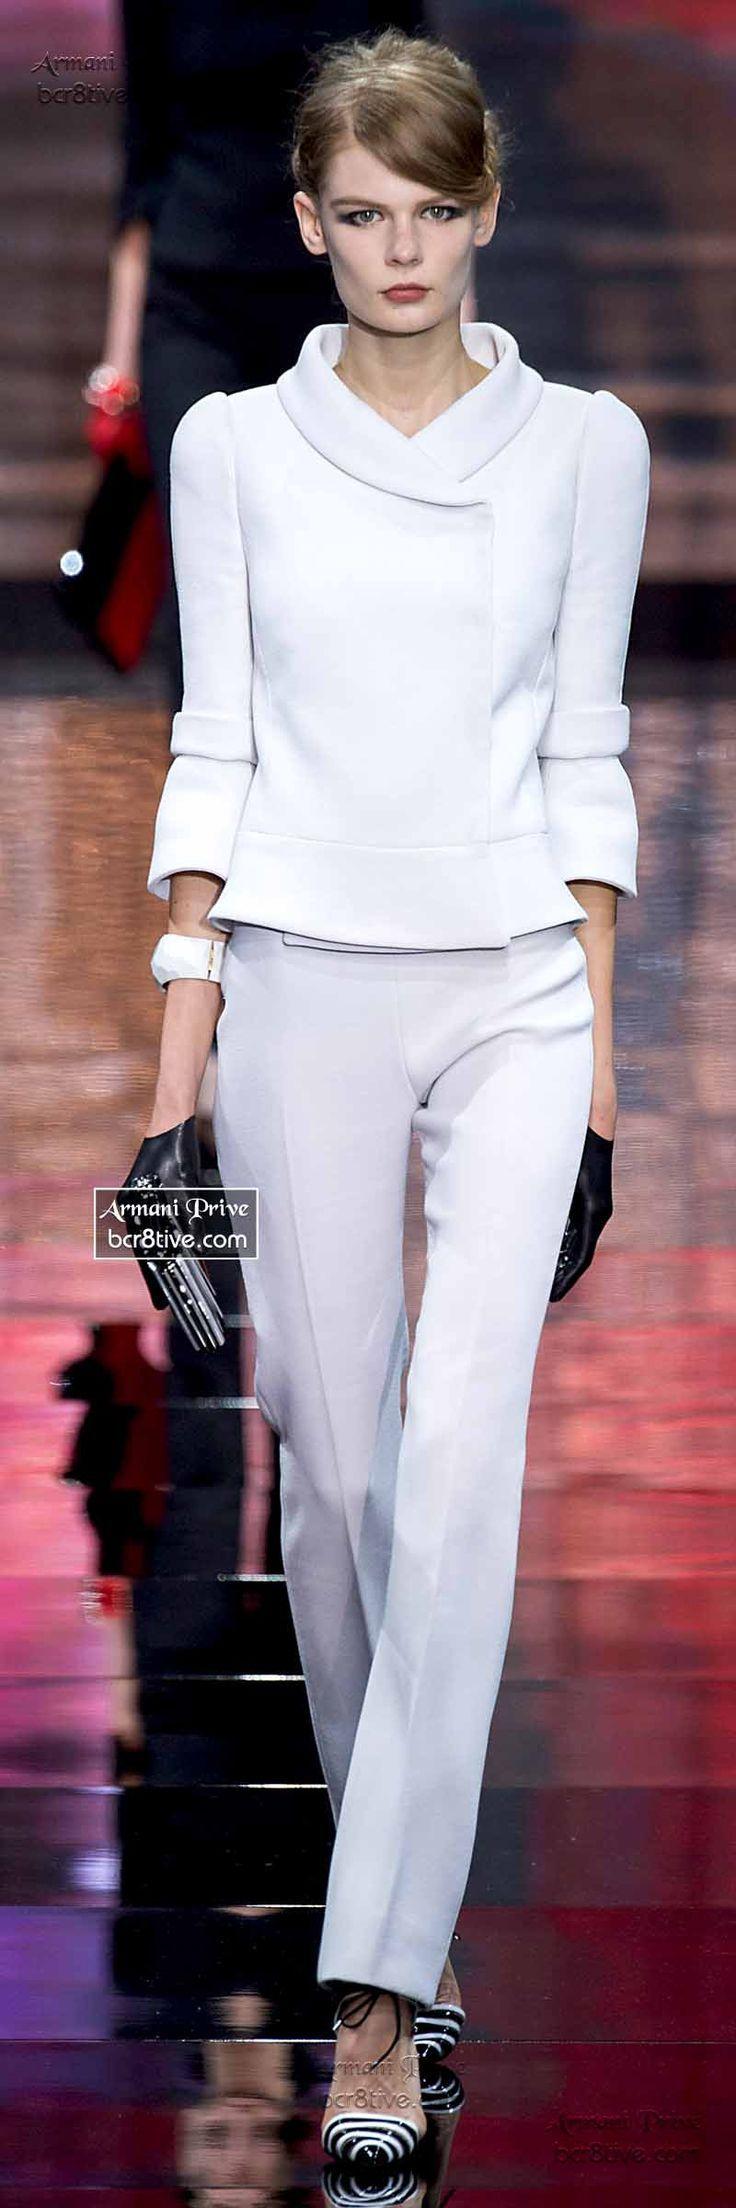 Armani Privé Haute Couture Fall Winter 2014-15 Collection: